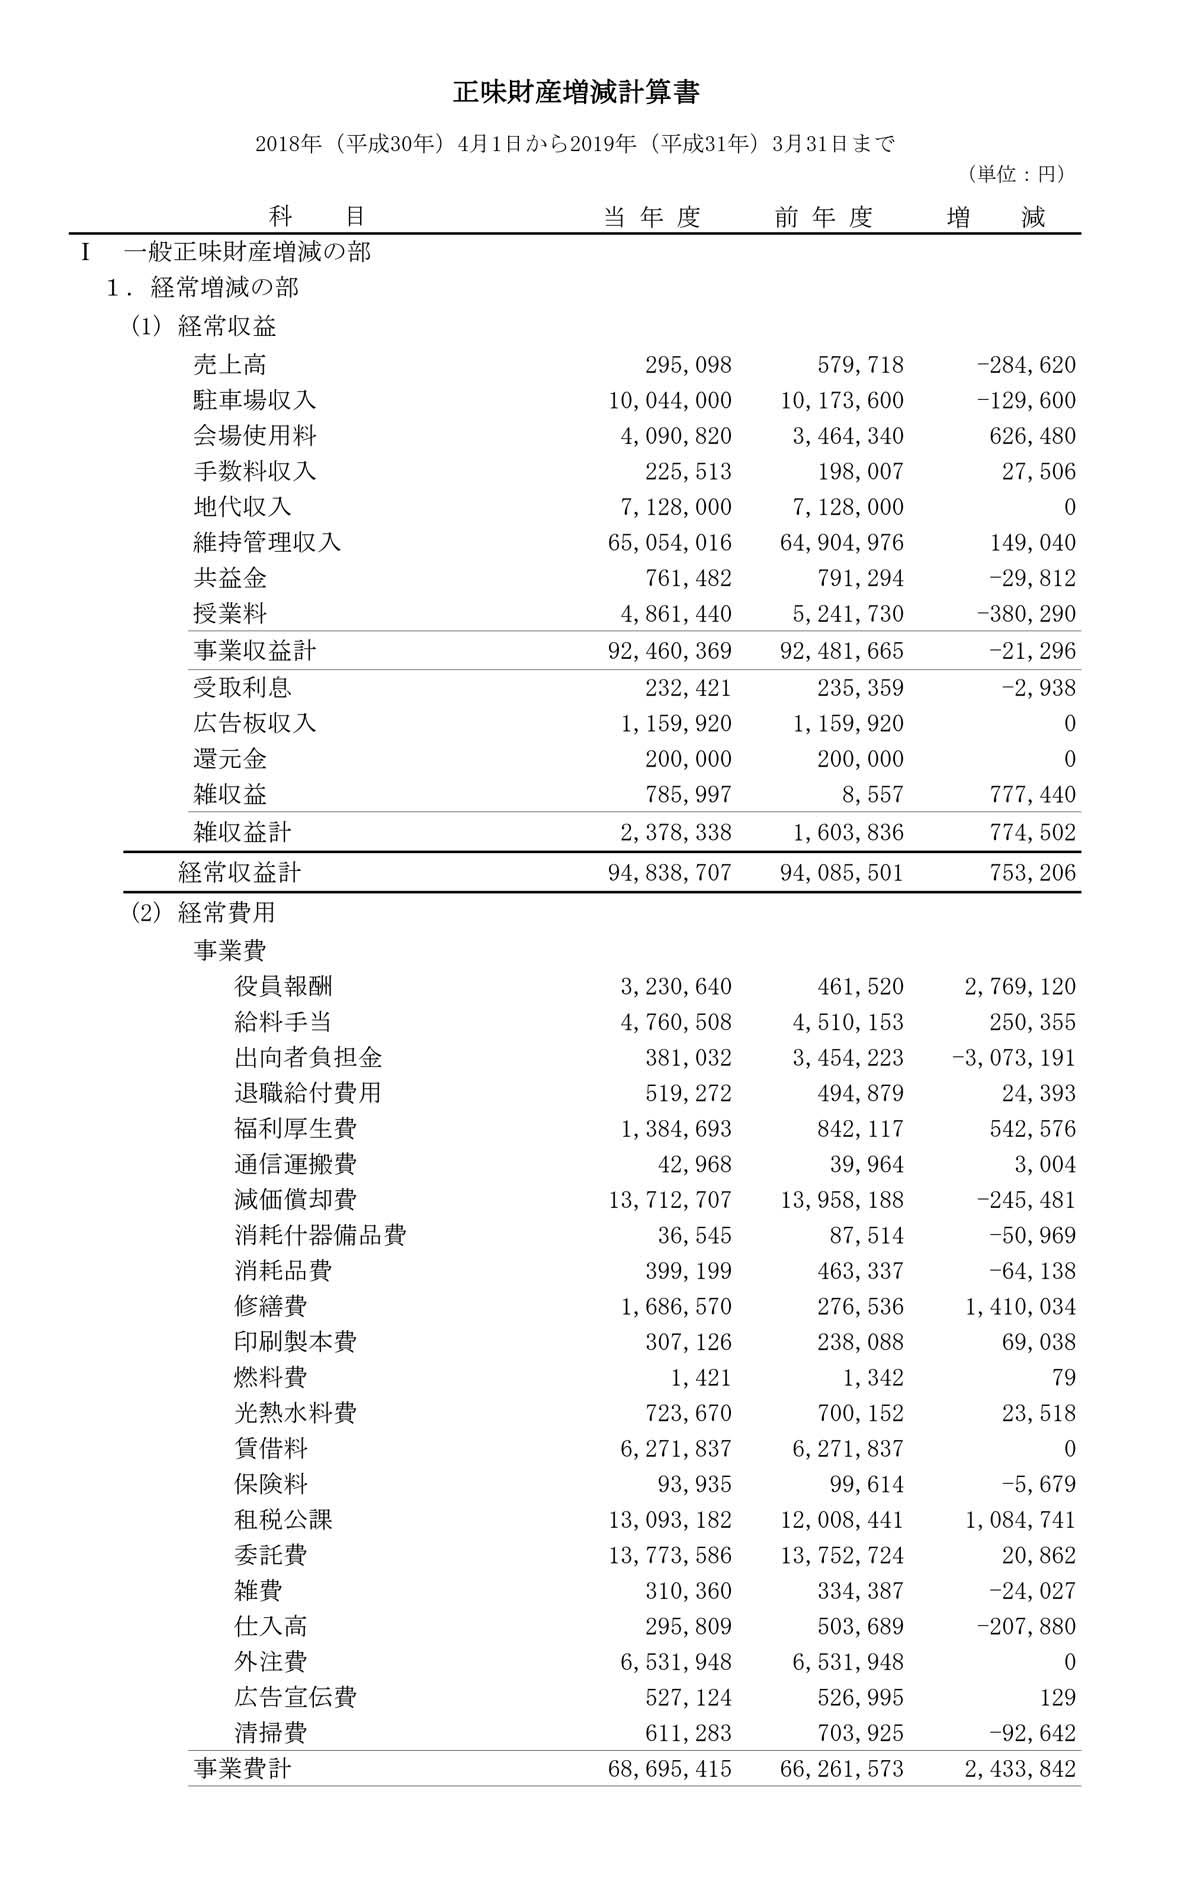 正味財産増減計算書54期-1